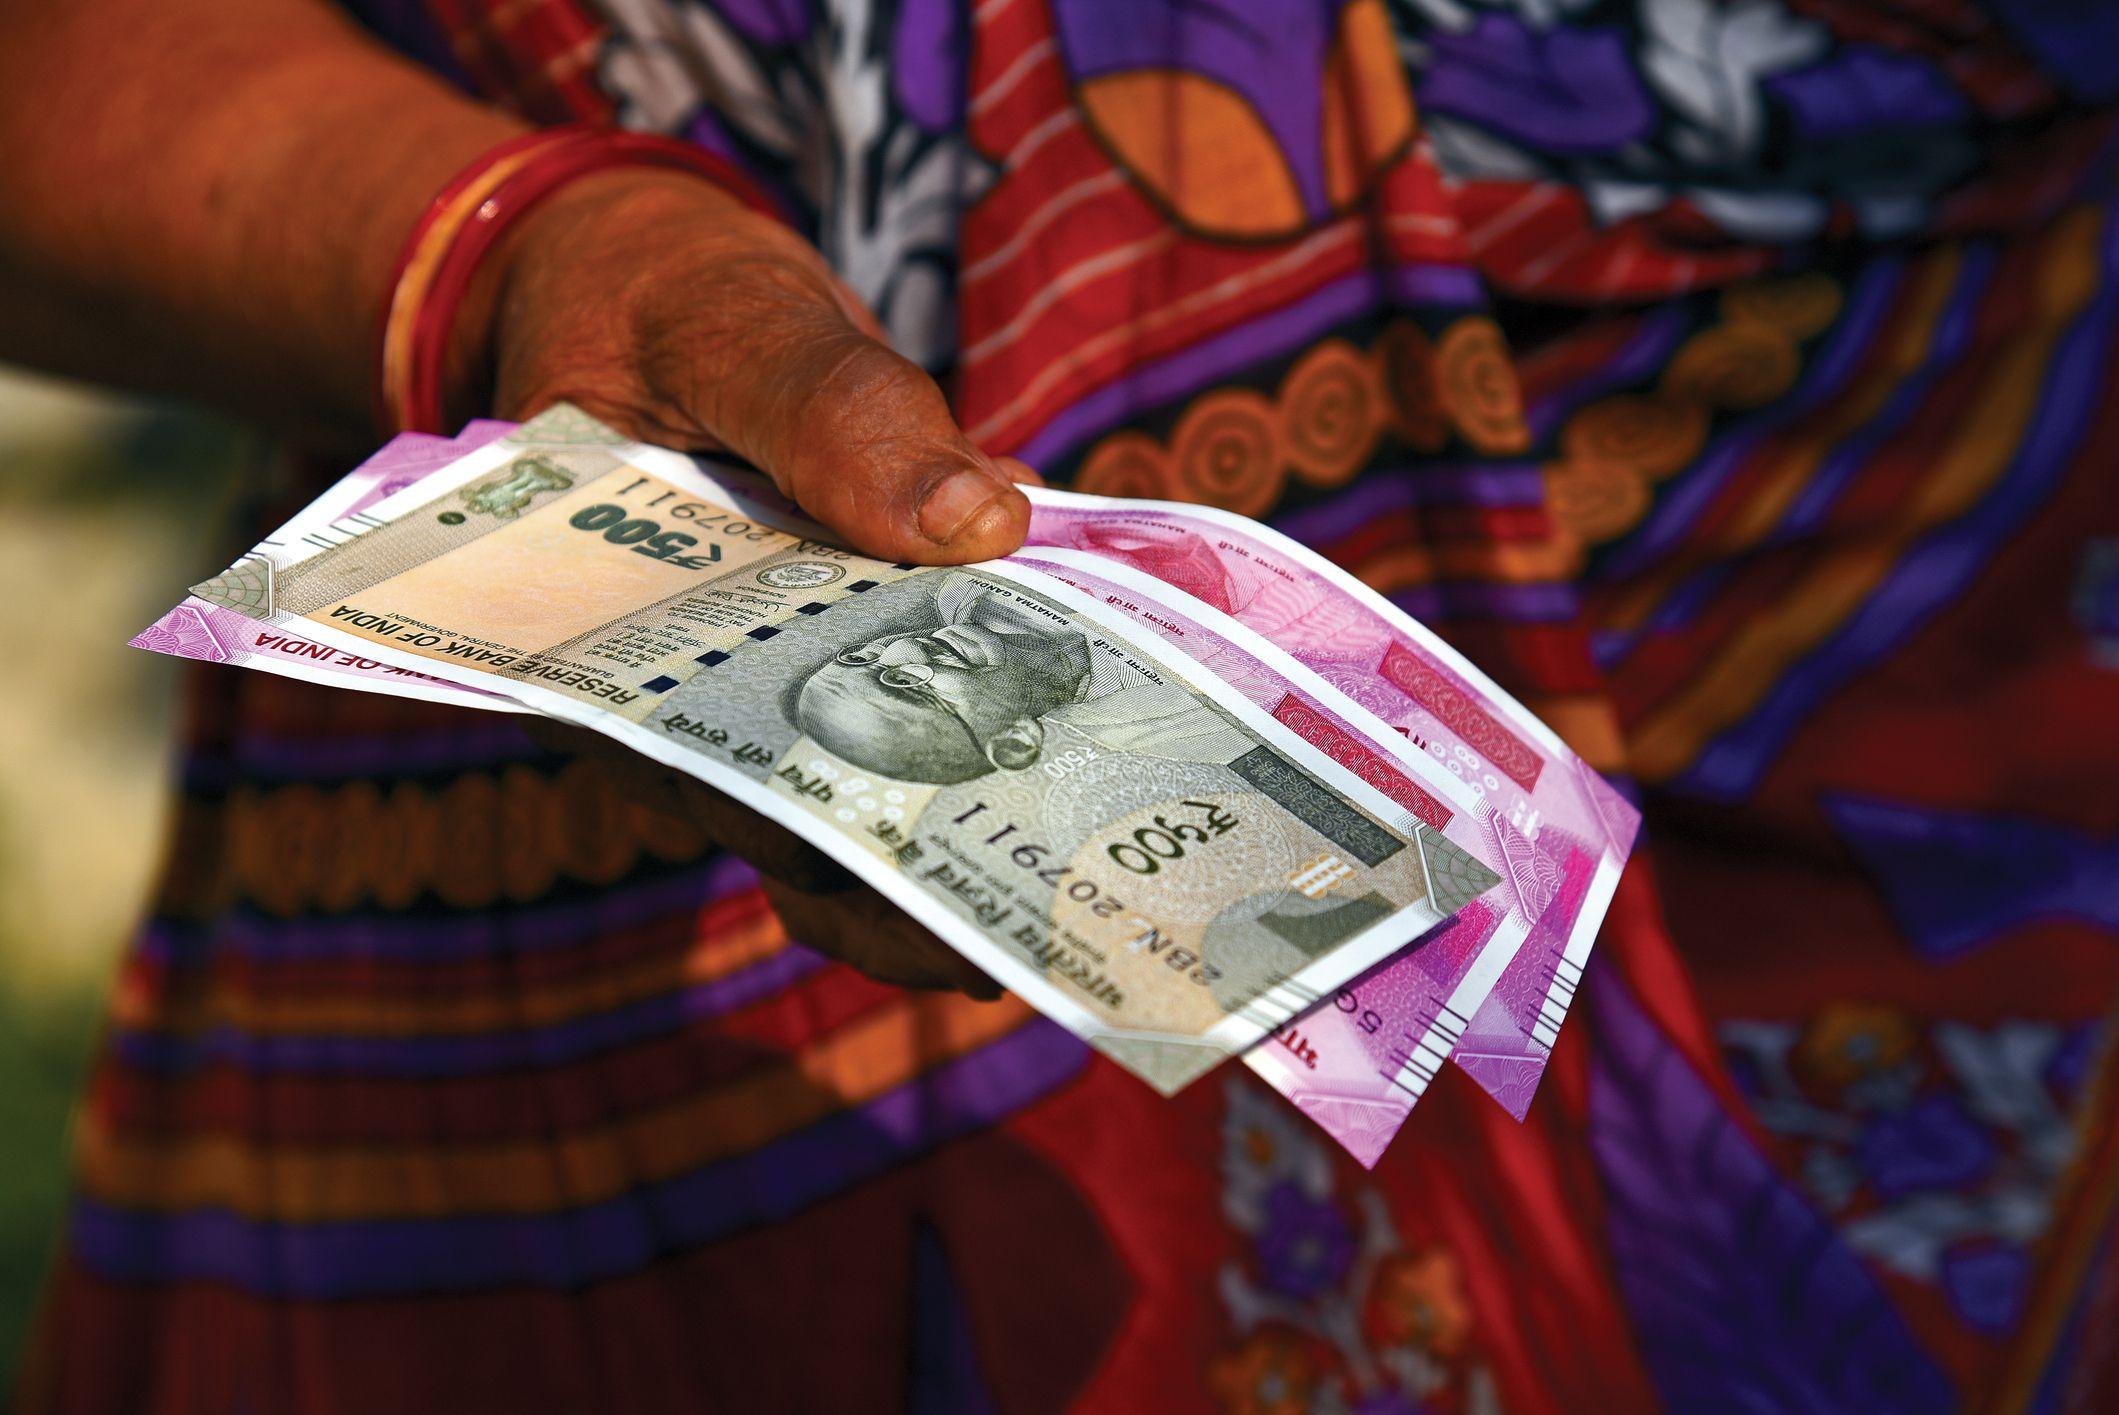 पाकिस्तान अब नकली नोटों के जरिए भारत को नुकसान पहुंचाने की रच रहा साजिश